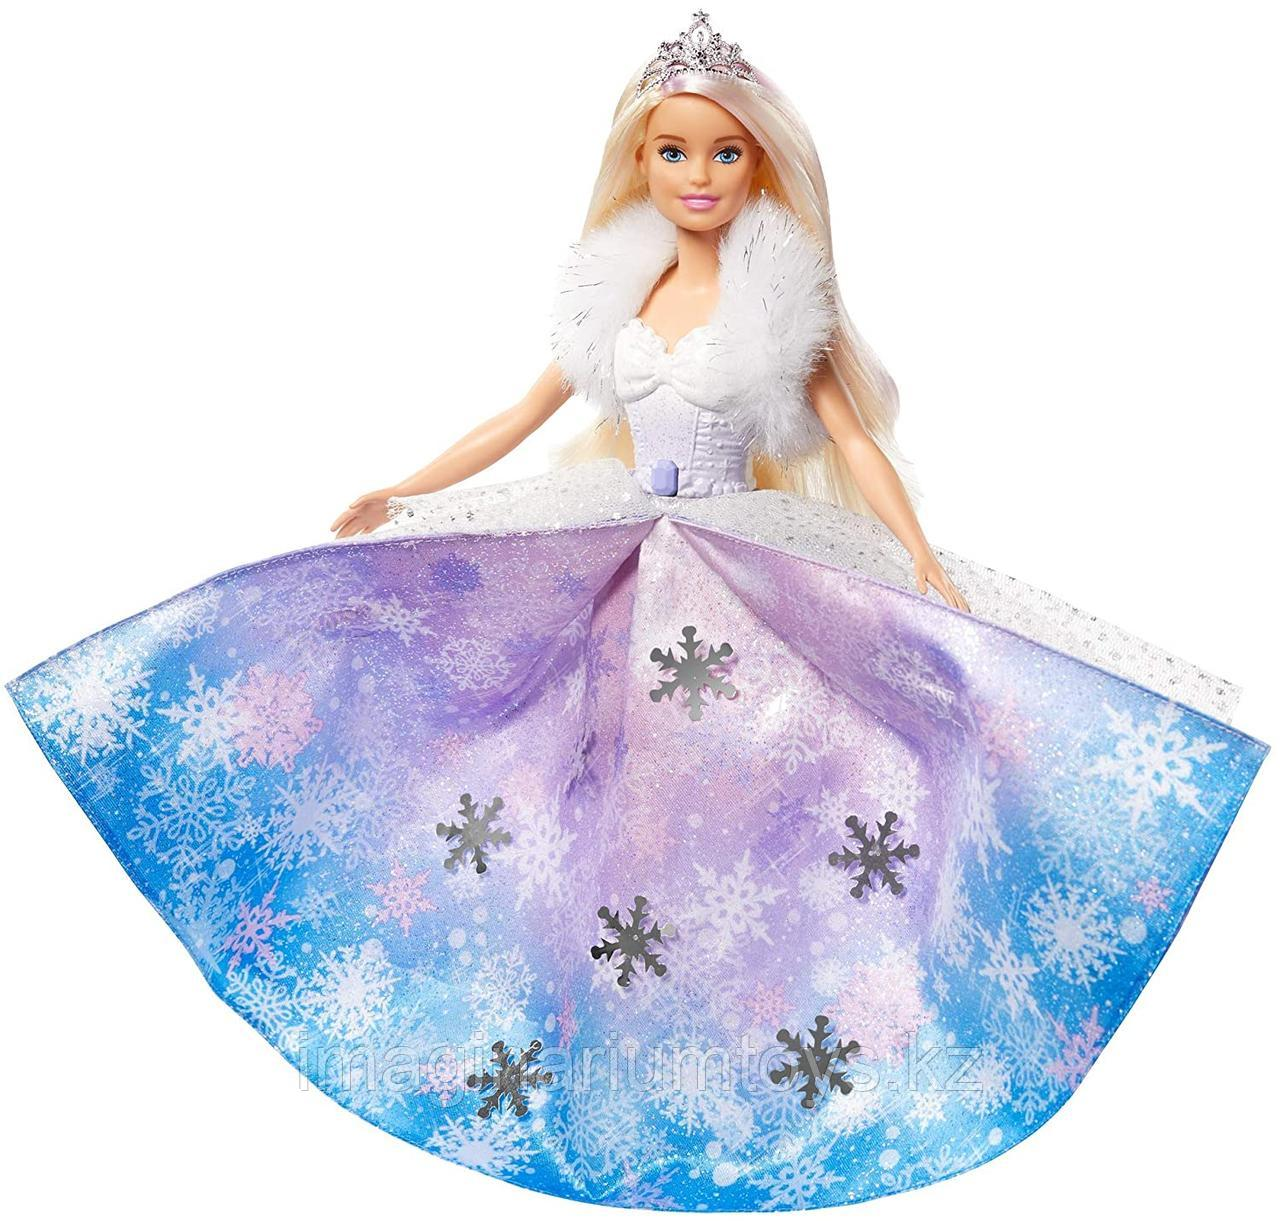 Кукла Barbie Снежная принцесса Dreamtopia - фото 5